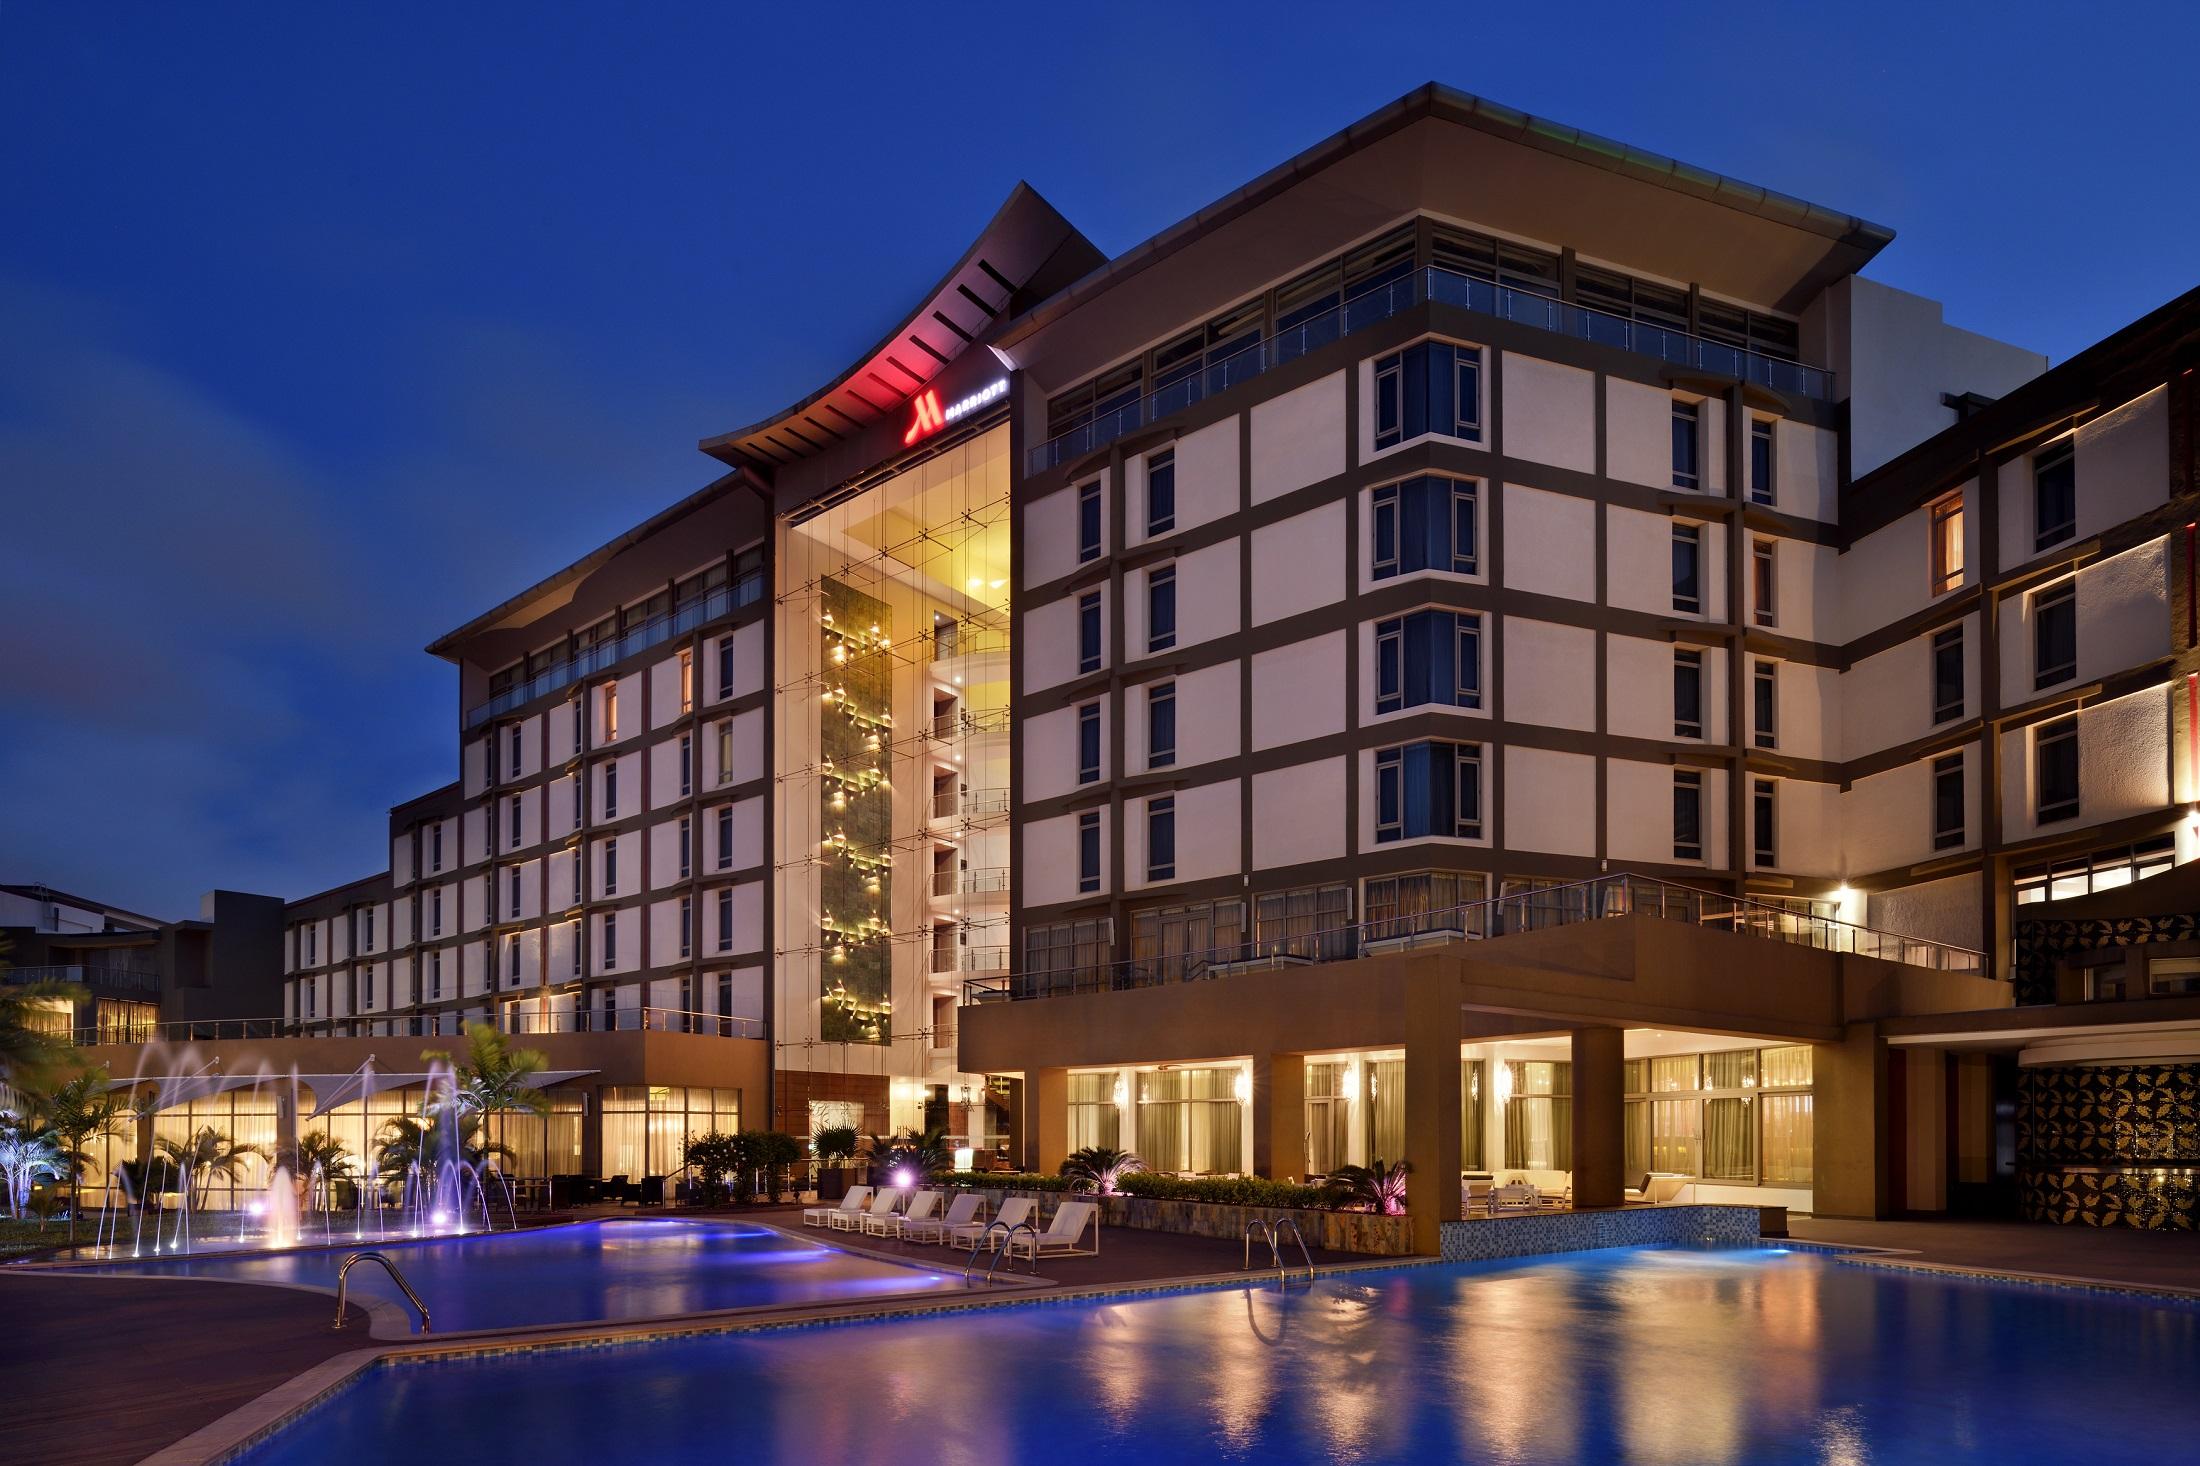 Marriott Hotels Debut In West Africa